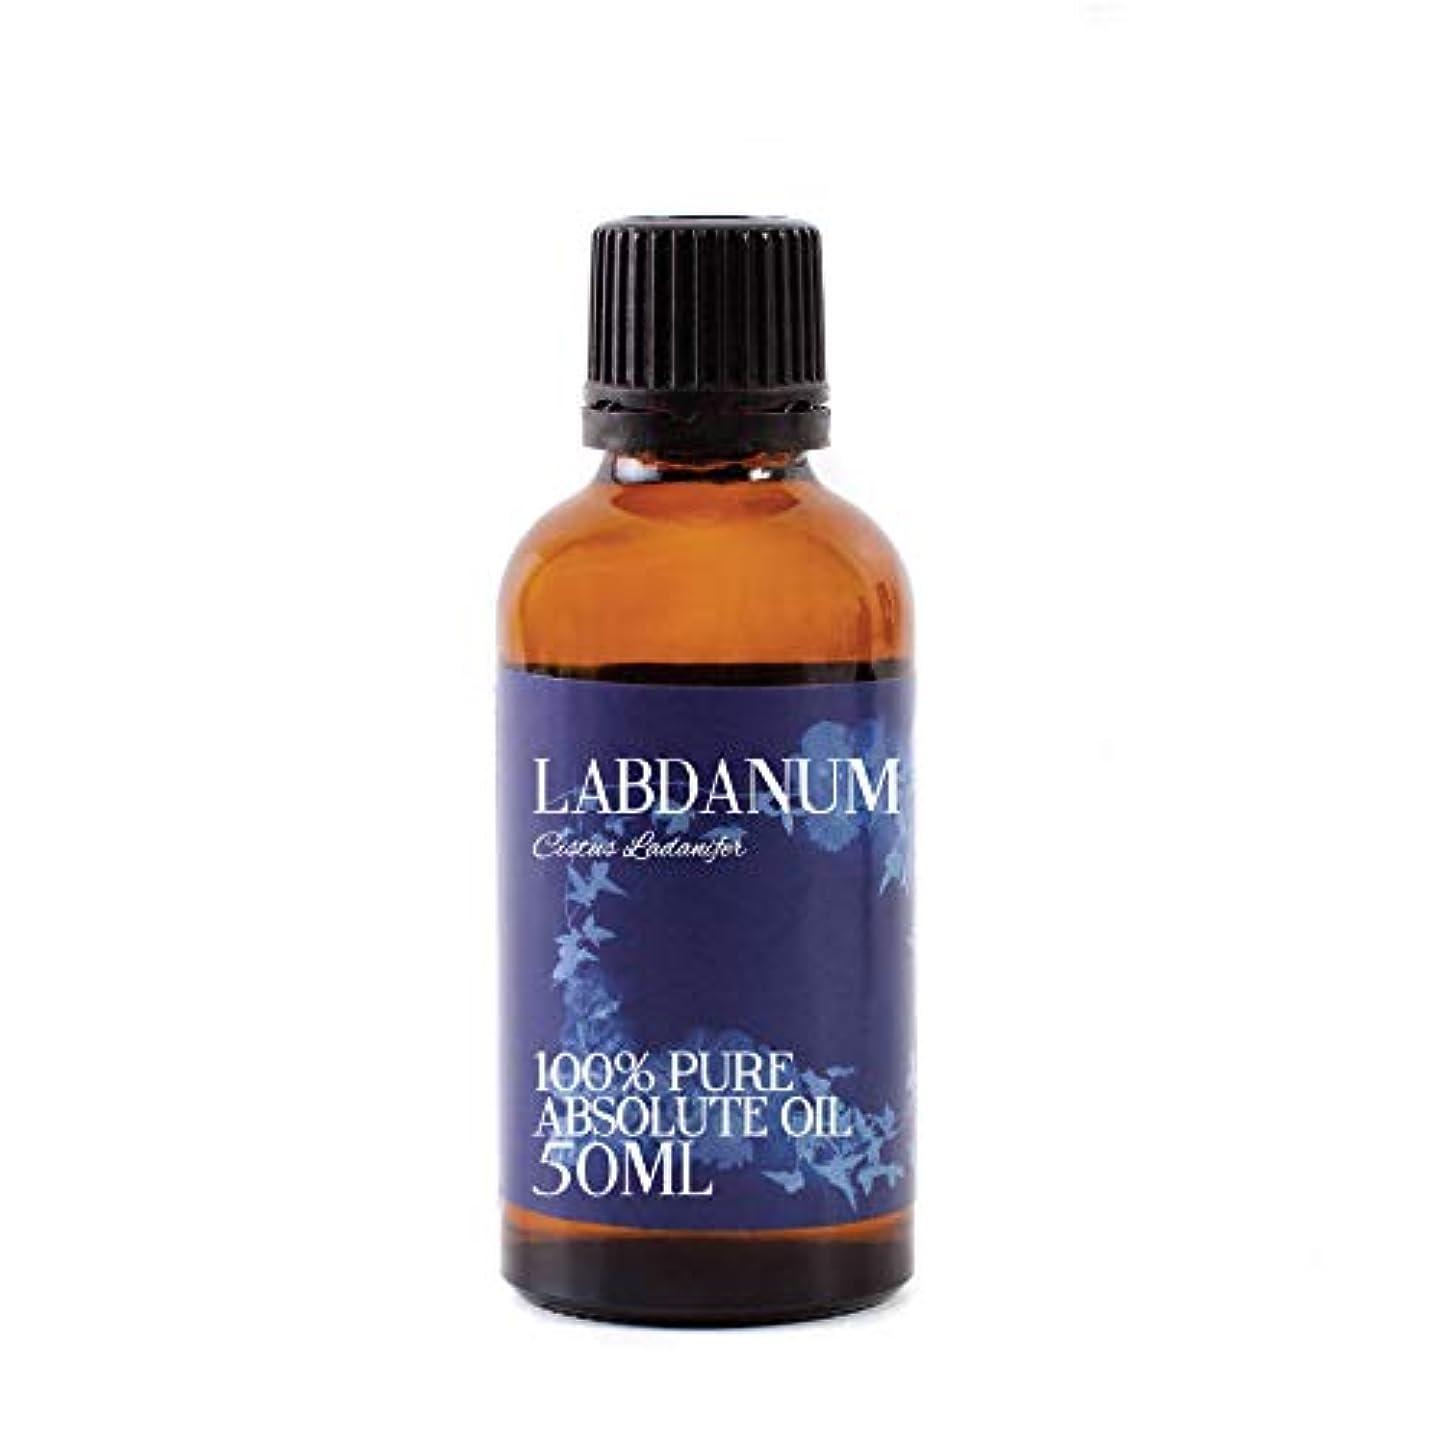 グローバル多様な四半期Labdanum Absolute 50ml - 100% Pure